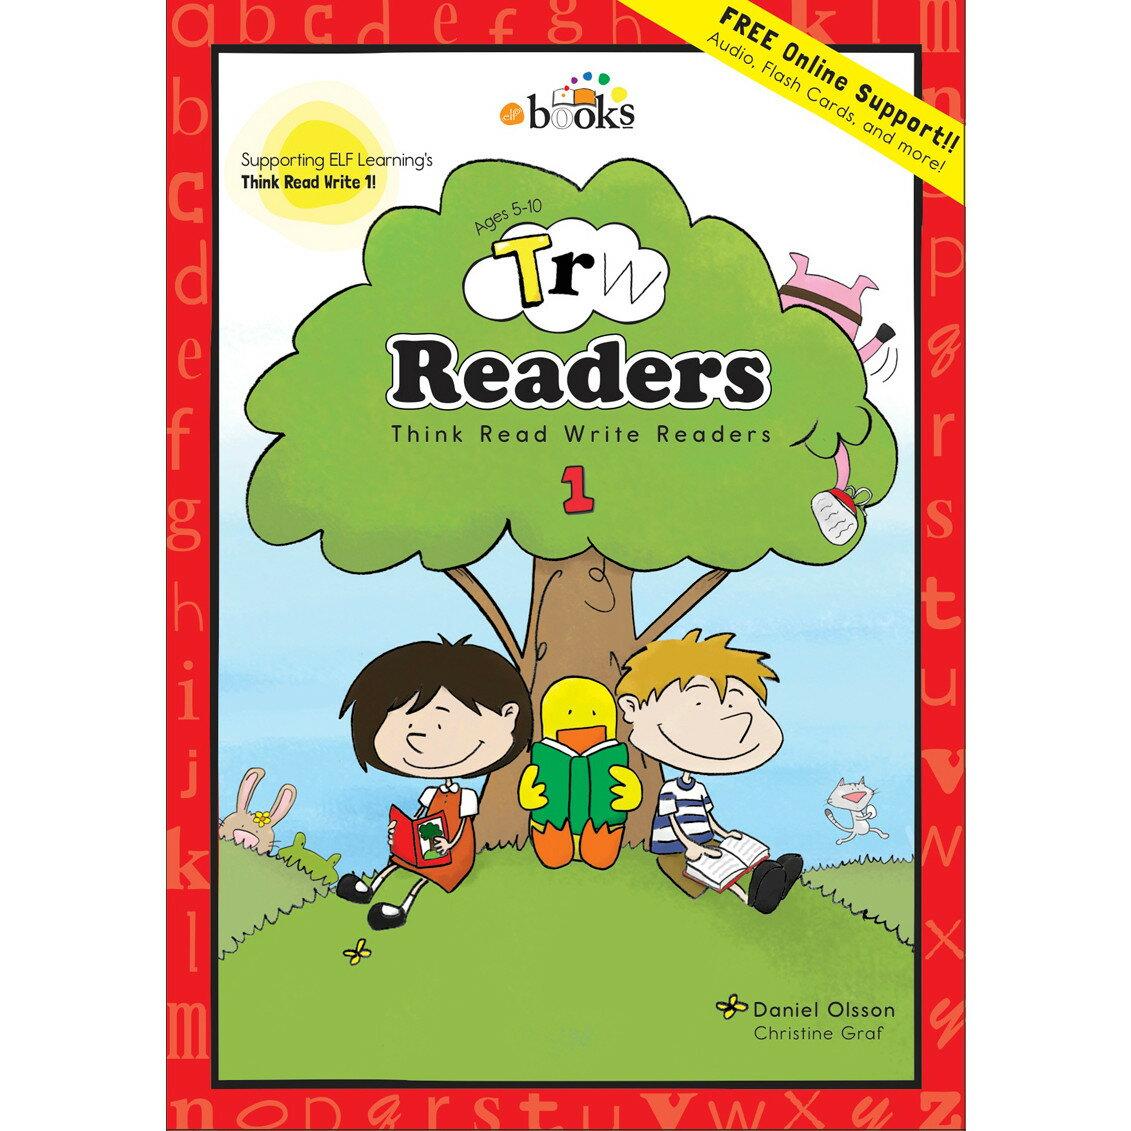 シンク・リード・ライト 1 (読解編) Think Read Write 1, Readers